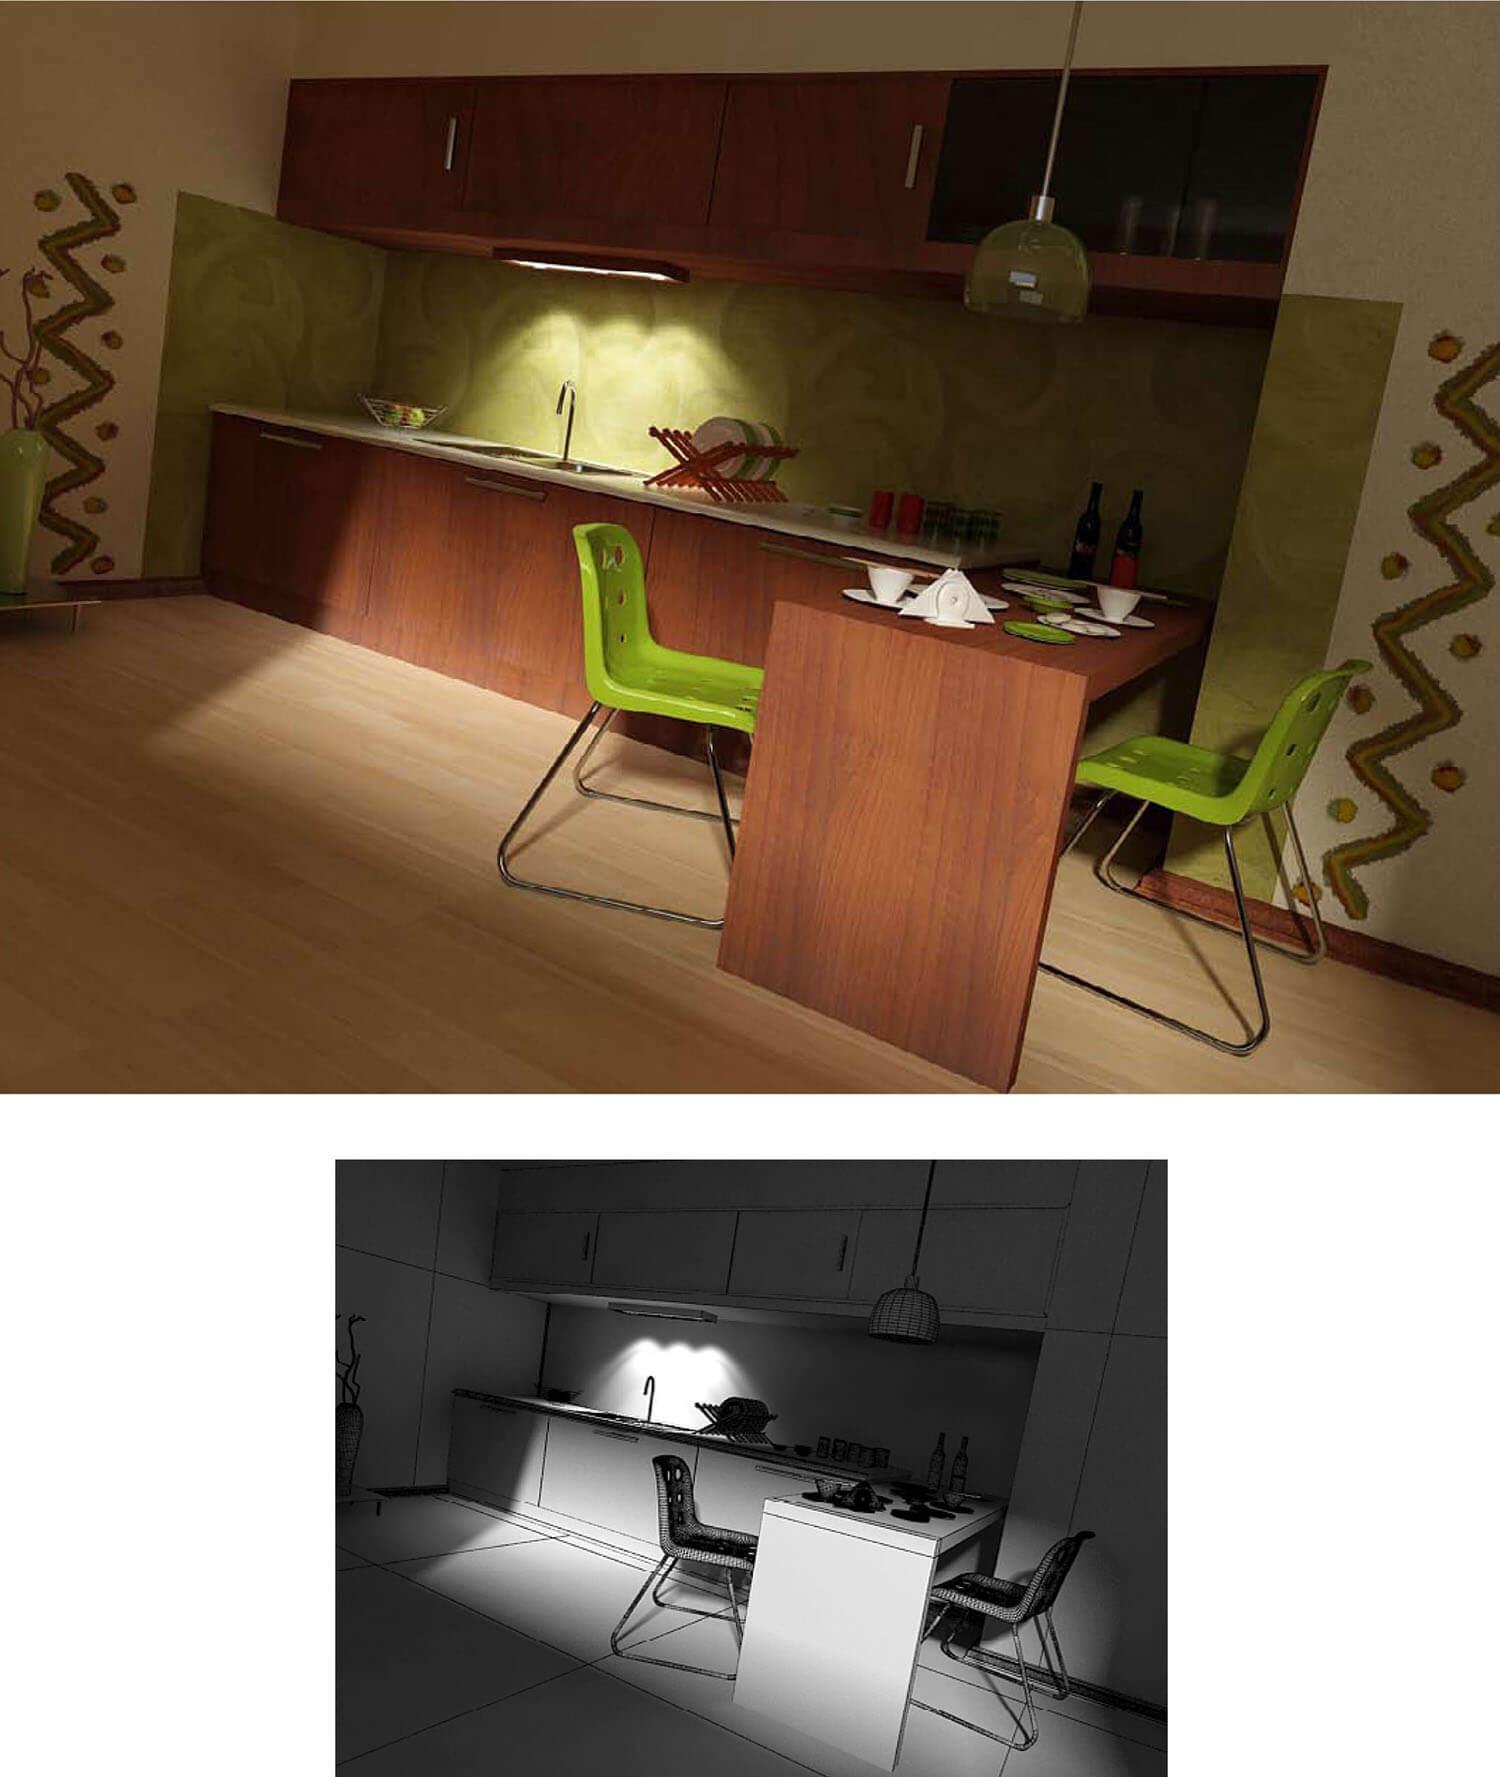 Nội thất phòng bếp - ăn được bài trí bắt mắt bằng giấy dán tường